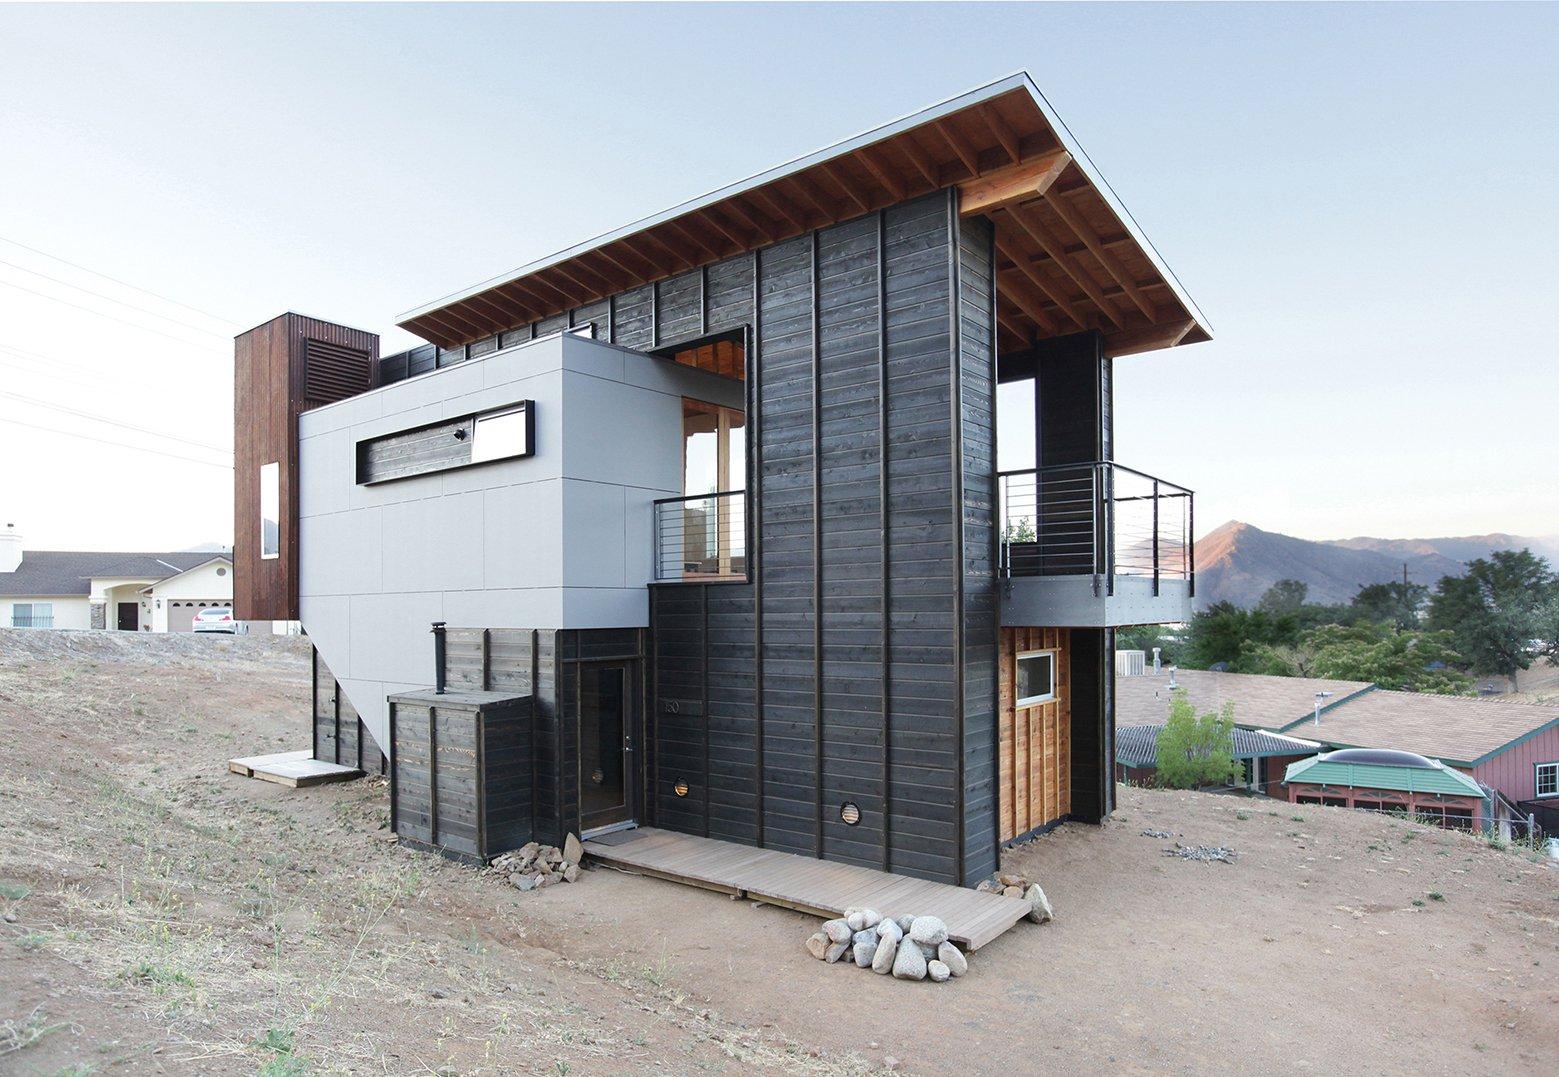 510 Cabin / Hunter Leggitt Studio (4)